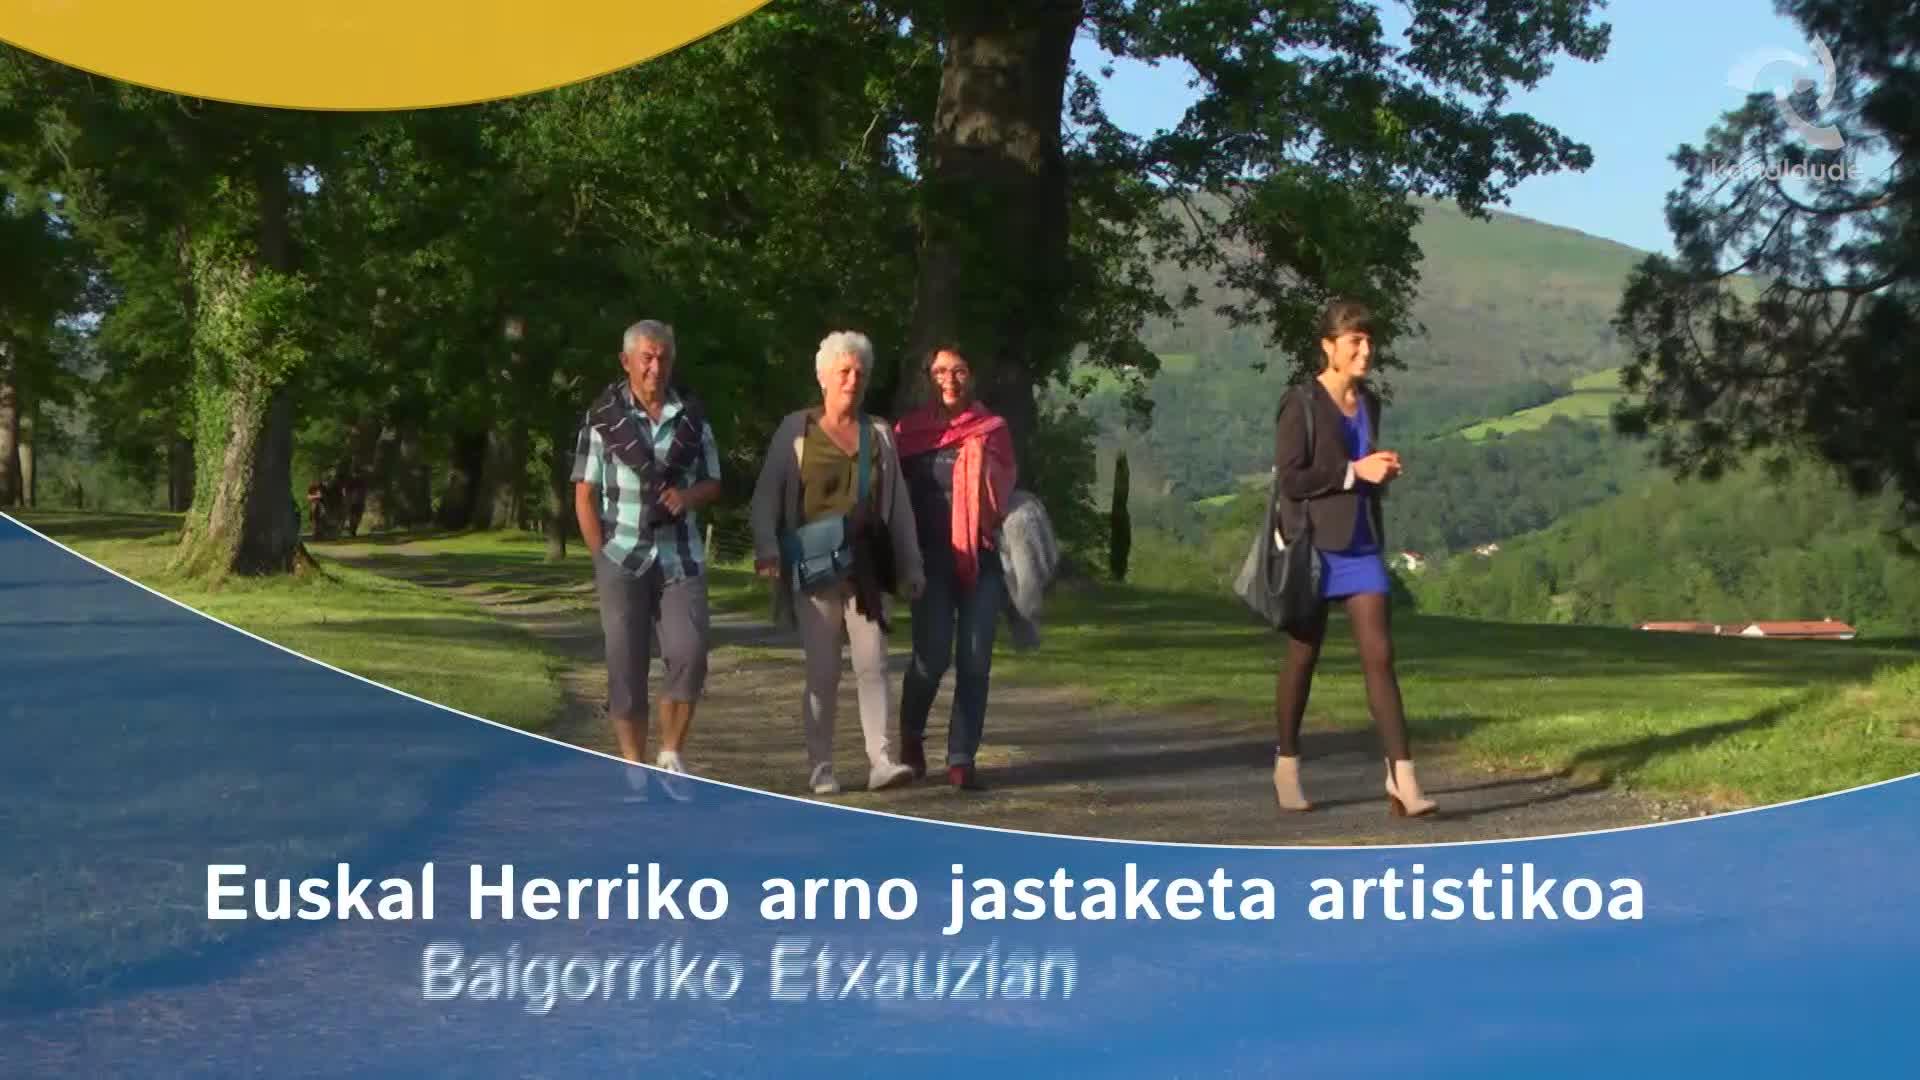 Euskal Herriko arno jastaketa artistikoa Baigorriko Etxauzian